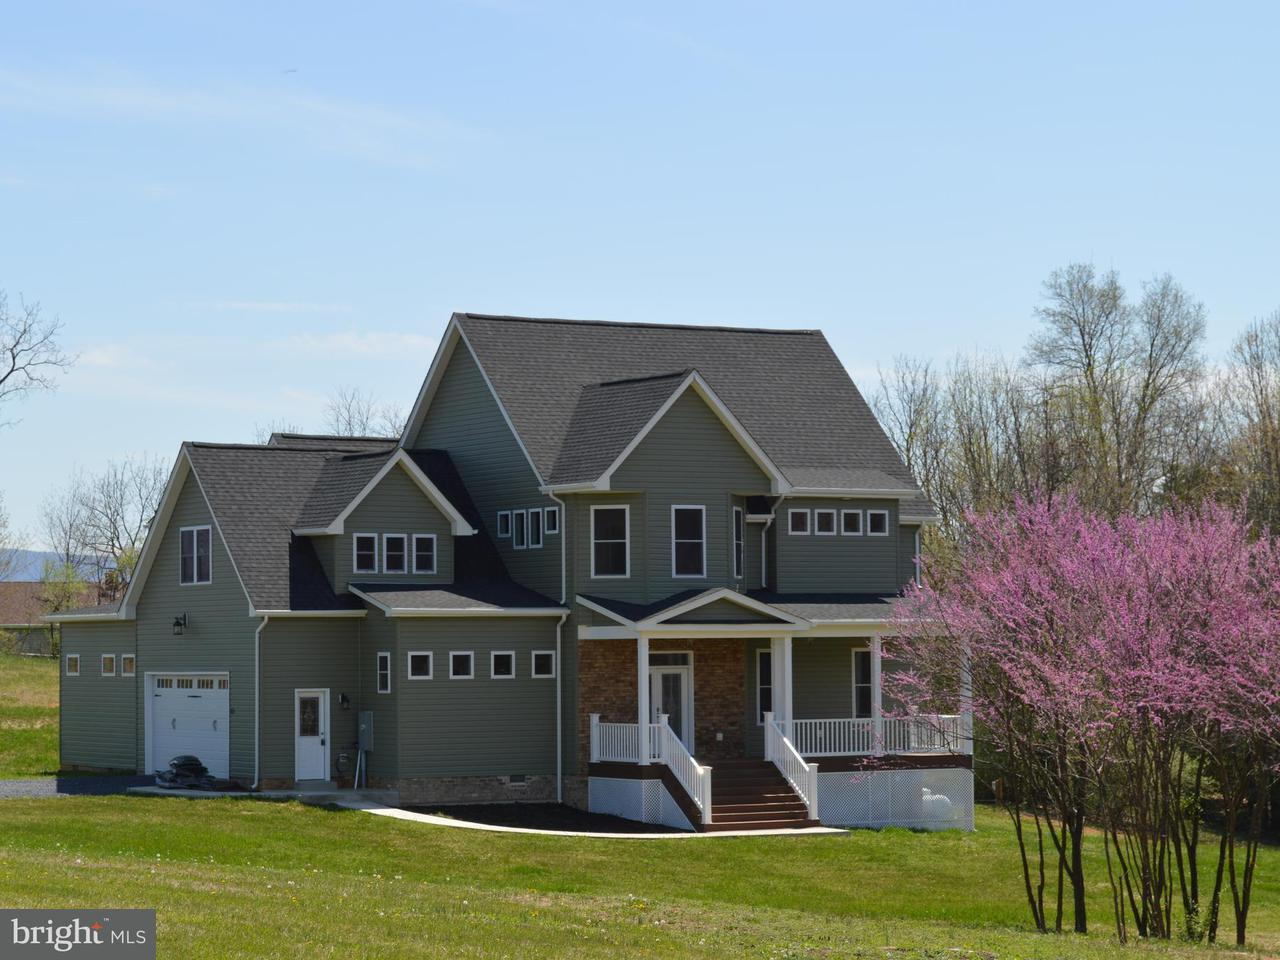 Частный односемейный дом для того Продажа на 25 Fairview Circle 25 Fairview Circle Woodstock, Виргиния 22664 Соединенные Штаты